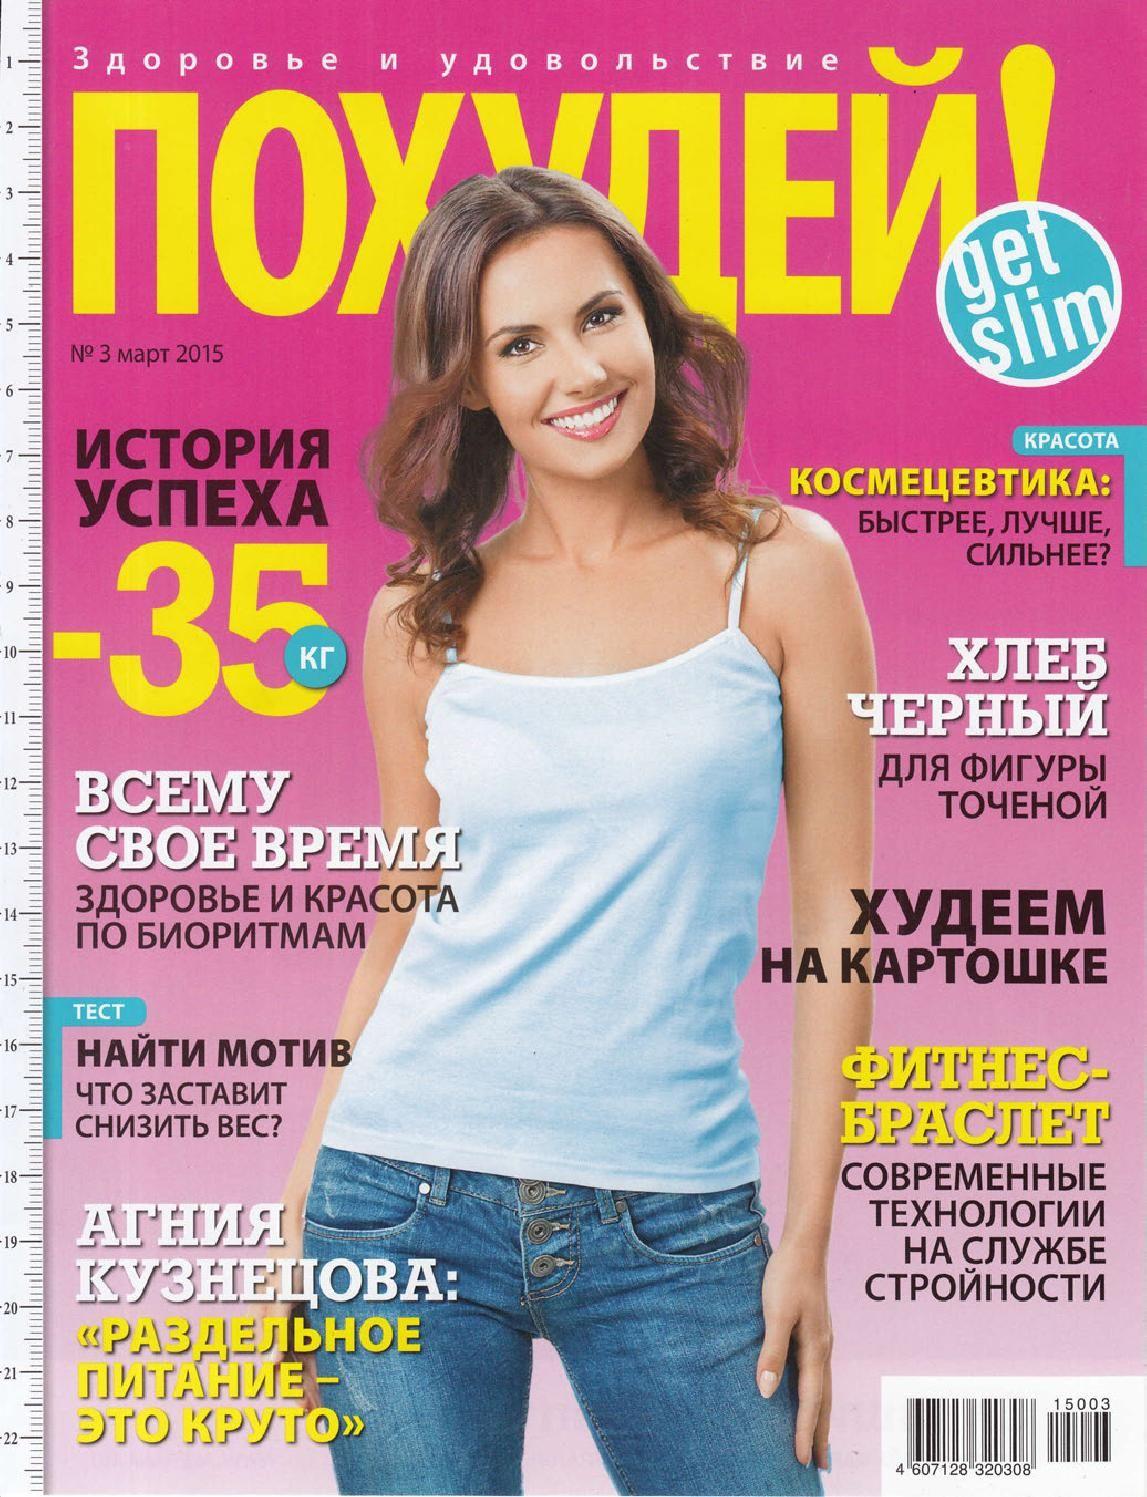 Интернет Журнал Похудей.